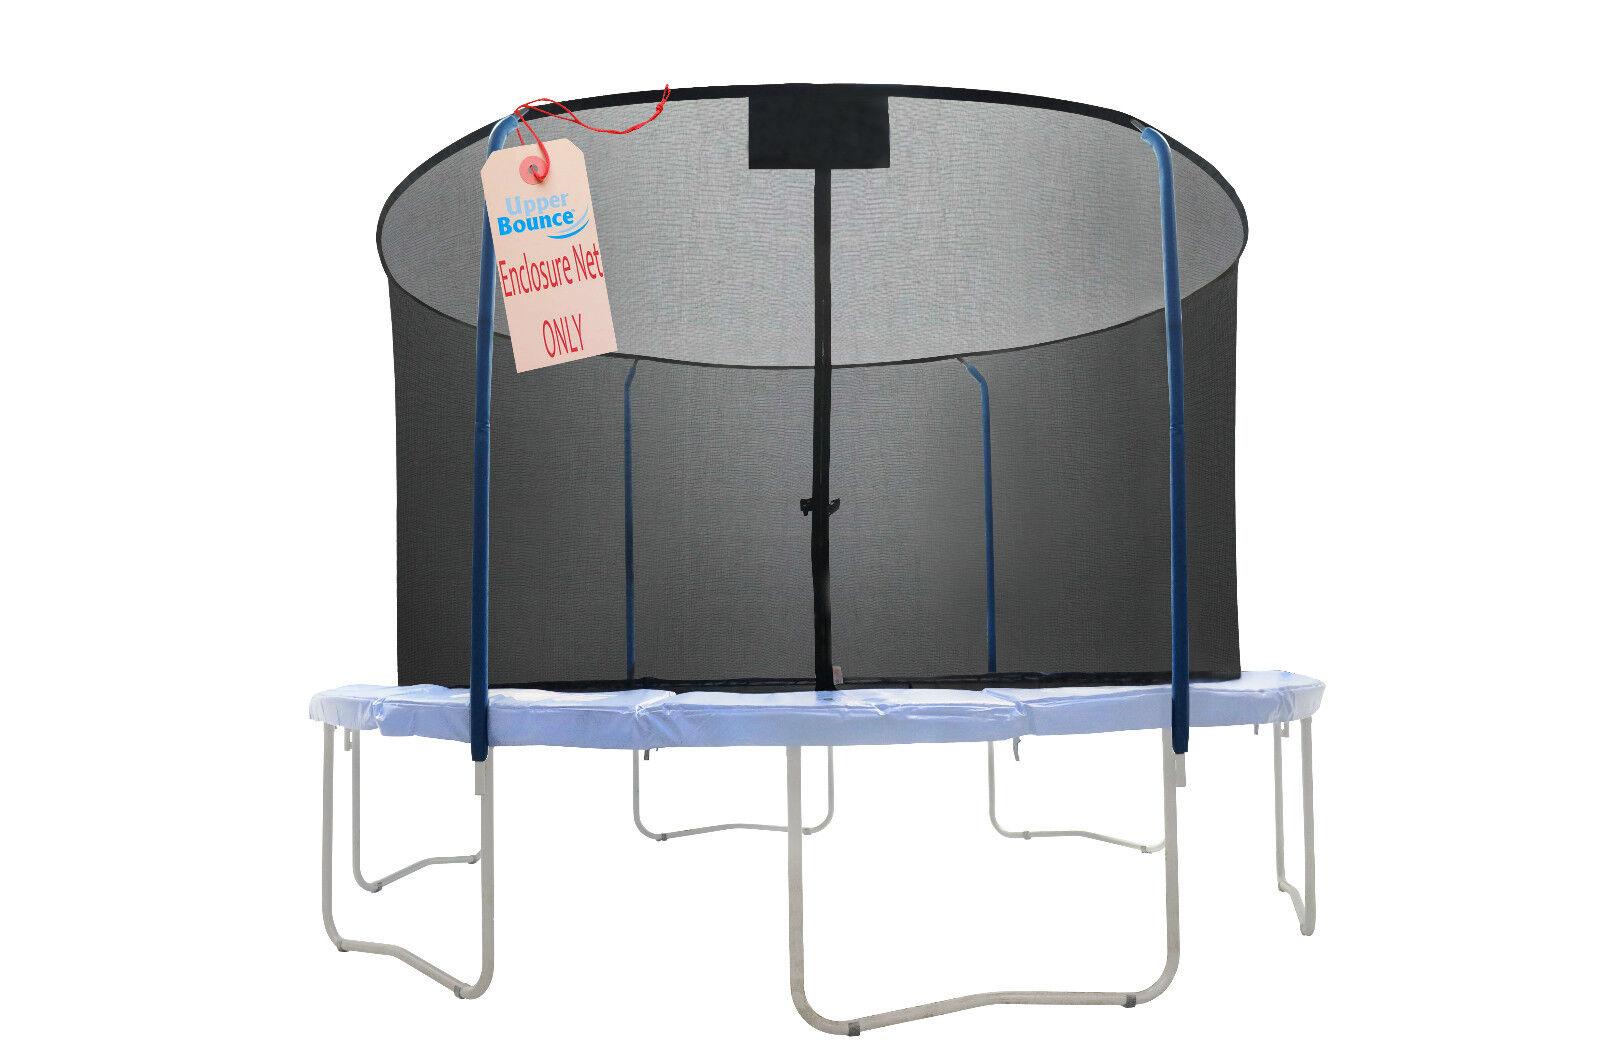 Tappeto elastico rete si  adatta per  JUMPKING 10ft 4 POLI Premium. altezza 65  NET SOLO  negozio online